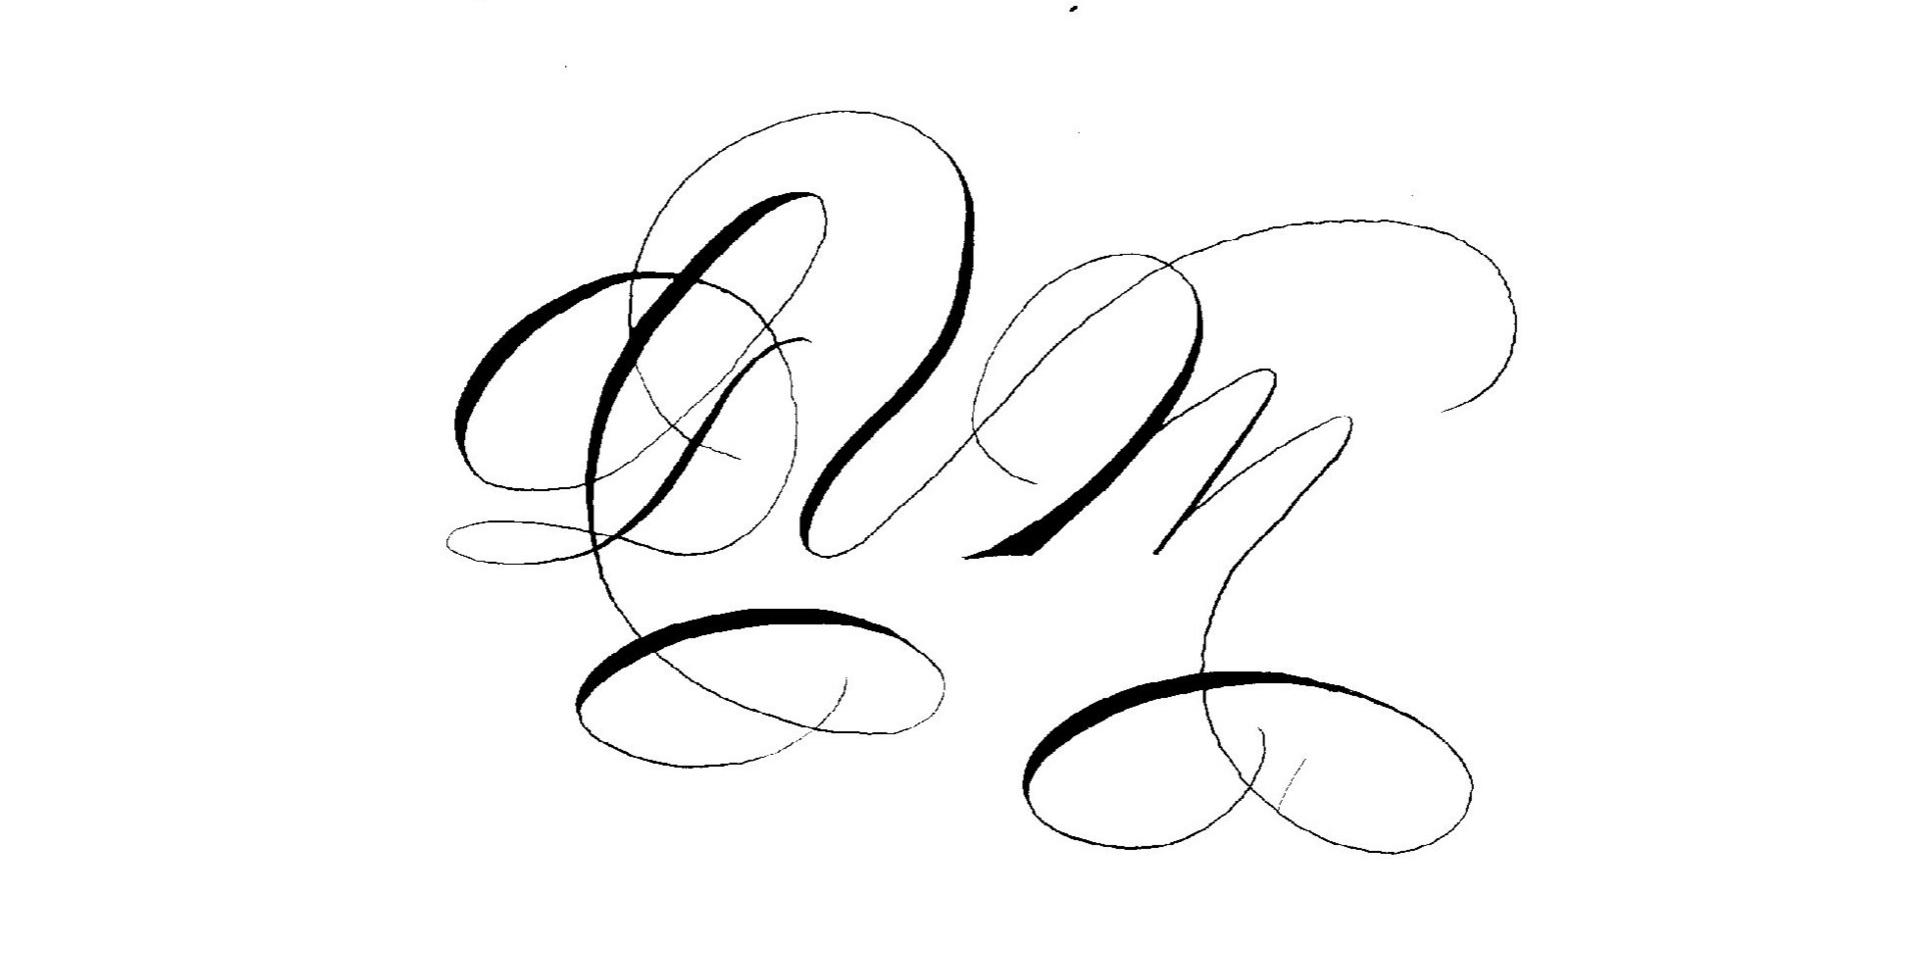 Monogram Branding Logo Houston Calligraphy Slinging Ink.jpg